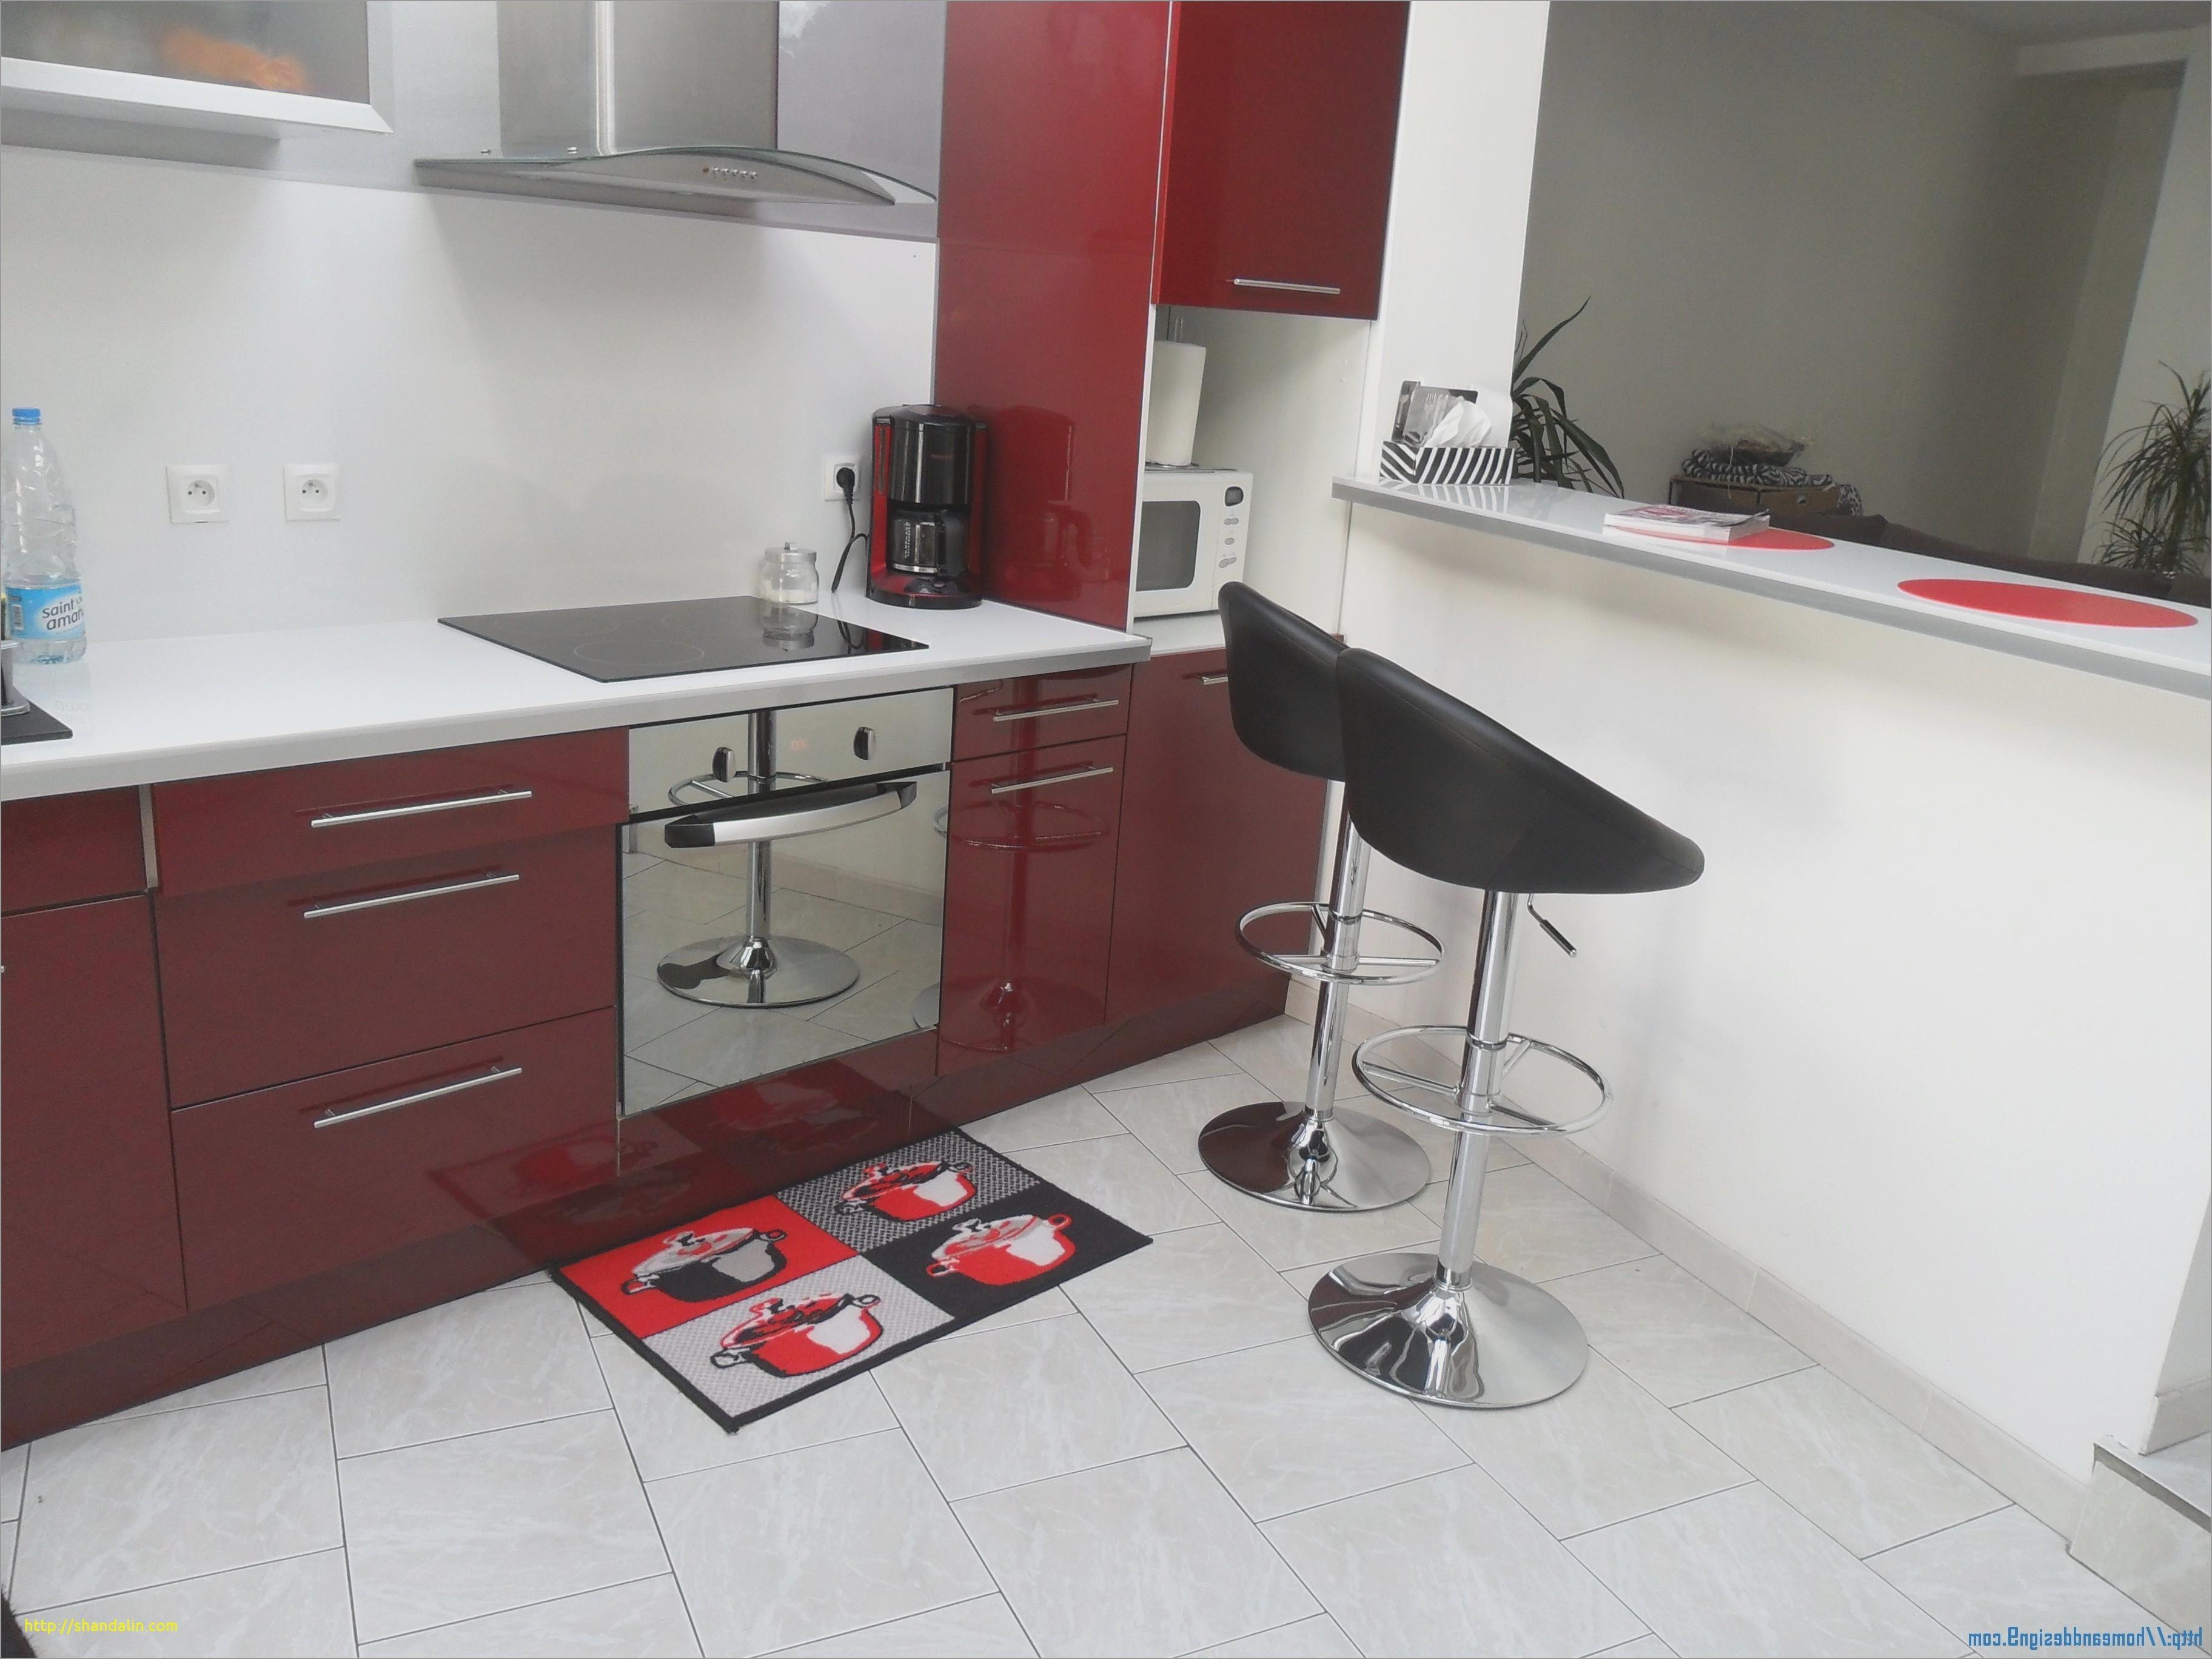 Cuisine Cosy Brico Depot Frais Galerie Meuble De Cuisine En Kit Brico Depot Finest Pretentious Idea Porte